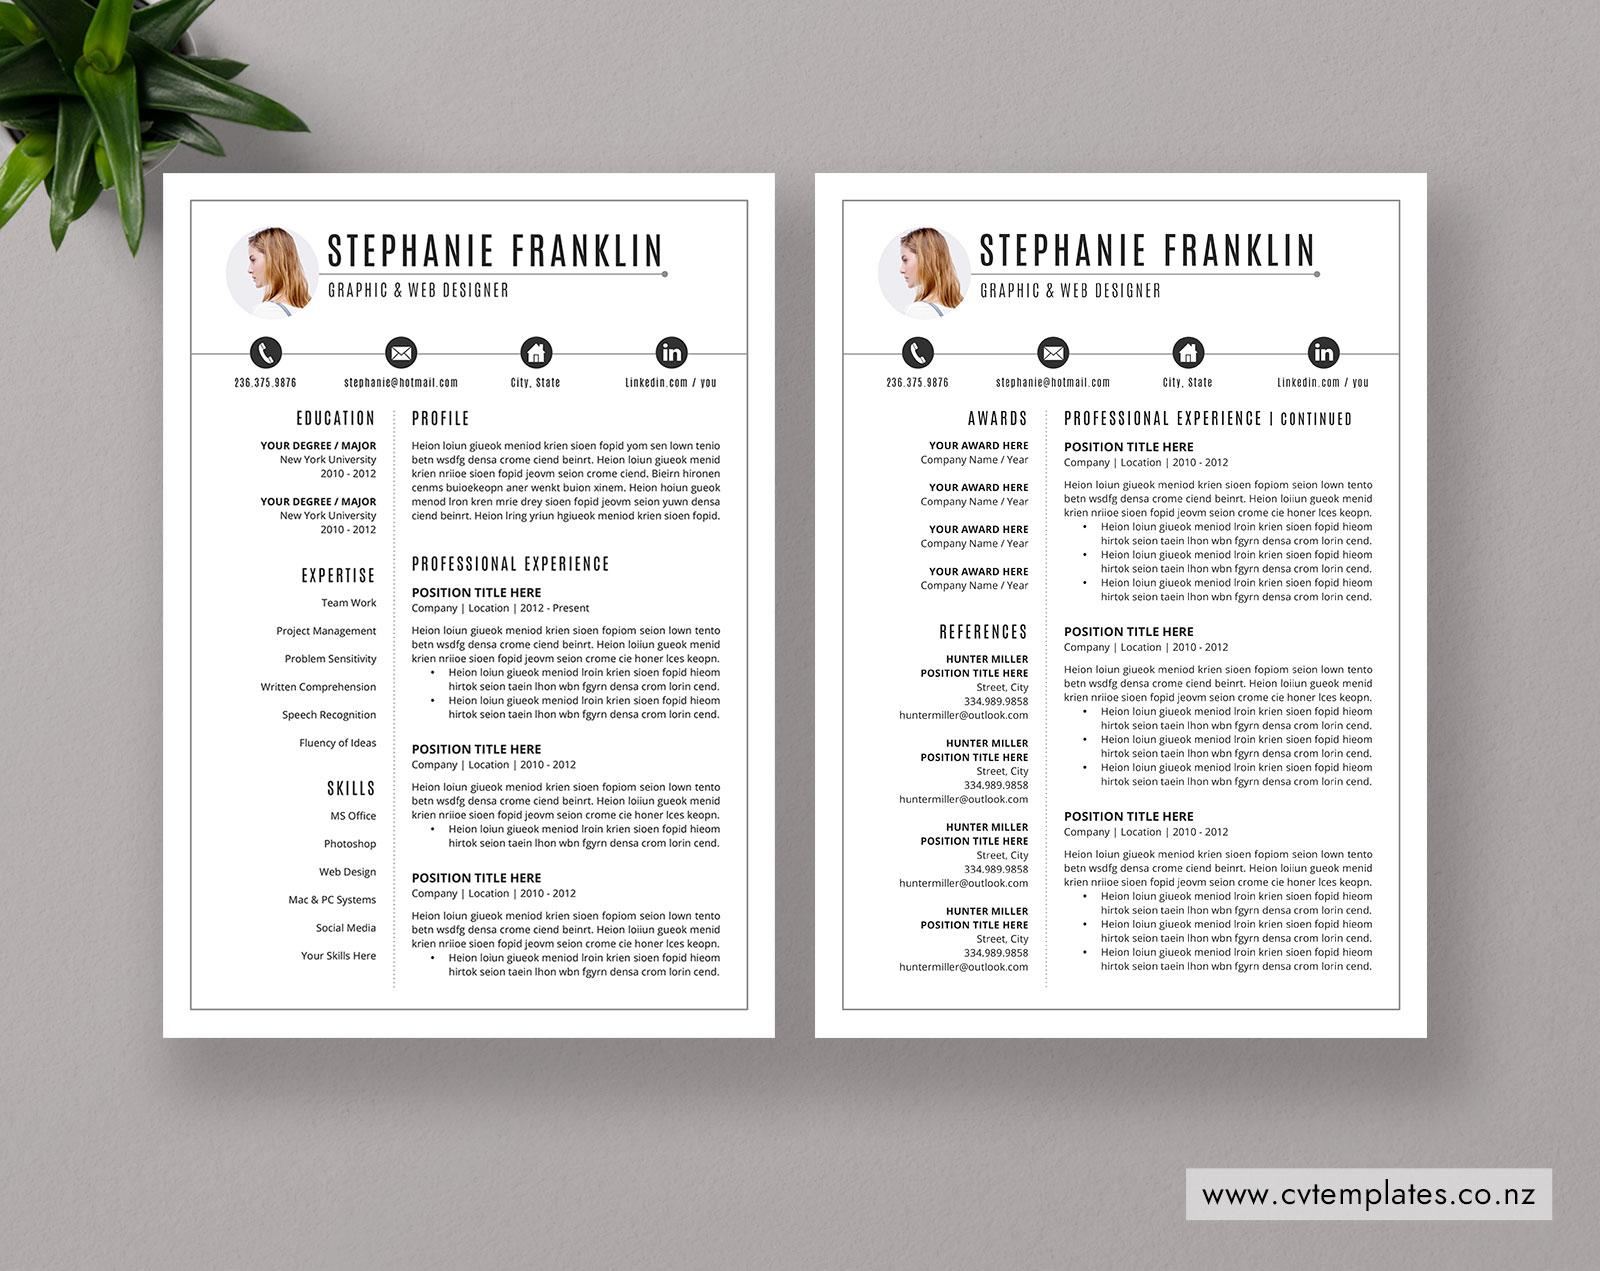 New Zealand Modern CV Template, Job-Winning Resume Template ...